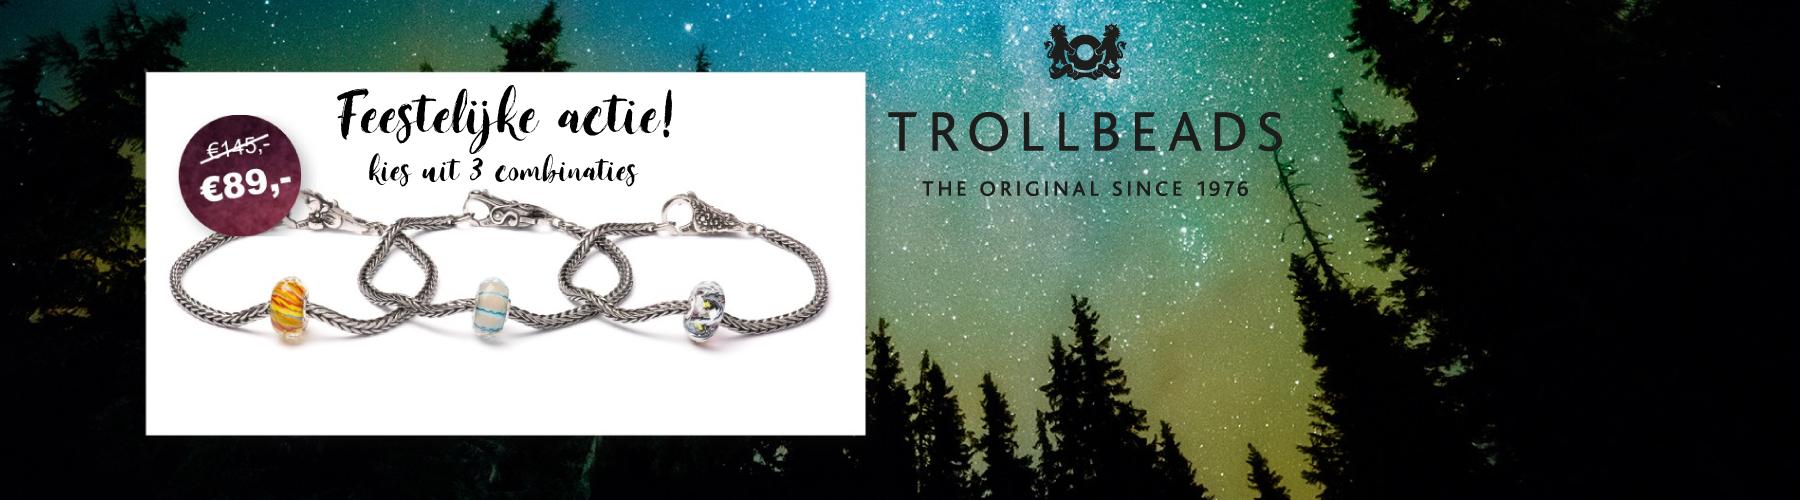 trollbeads-feestelijke-actie-bij-Wolters-Juweliers-Coevorden-Emmen